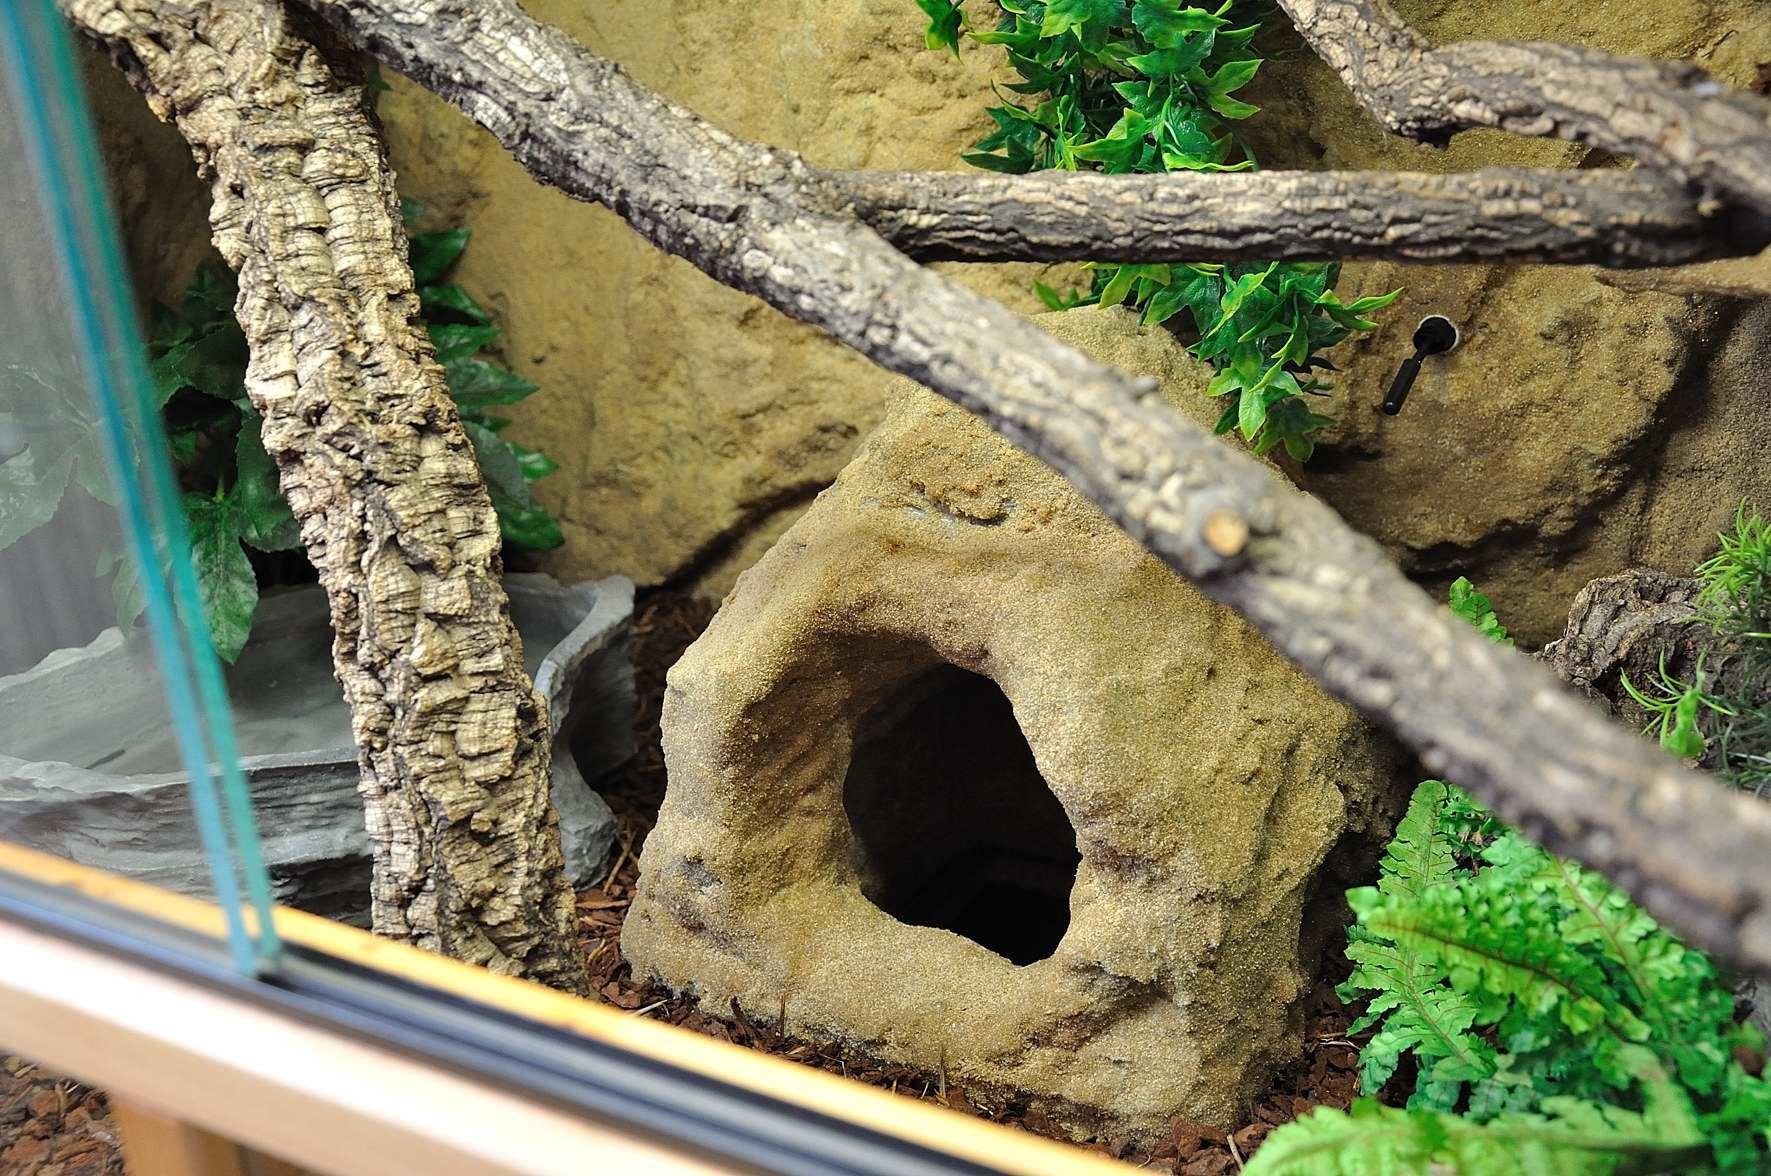 Eingang Rackhöhle - unteres Terrarium